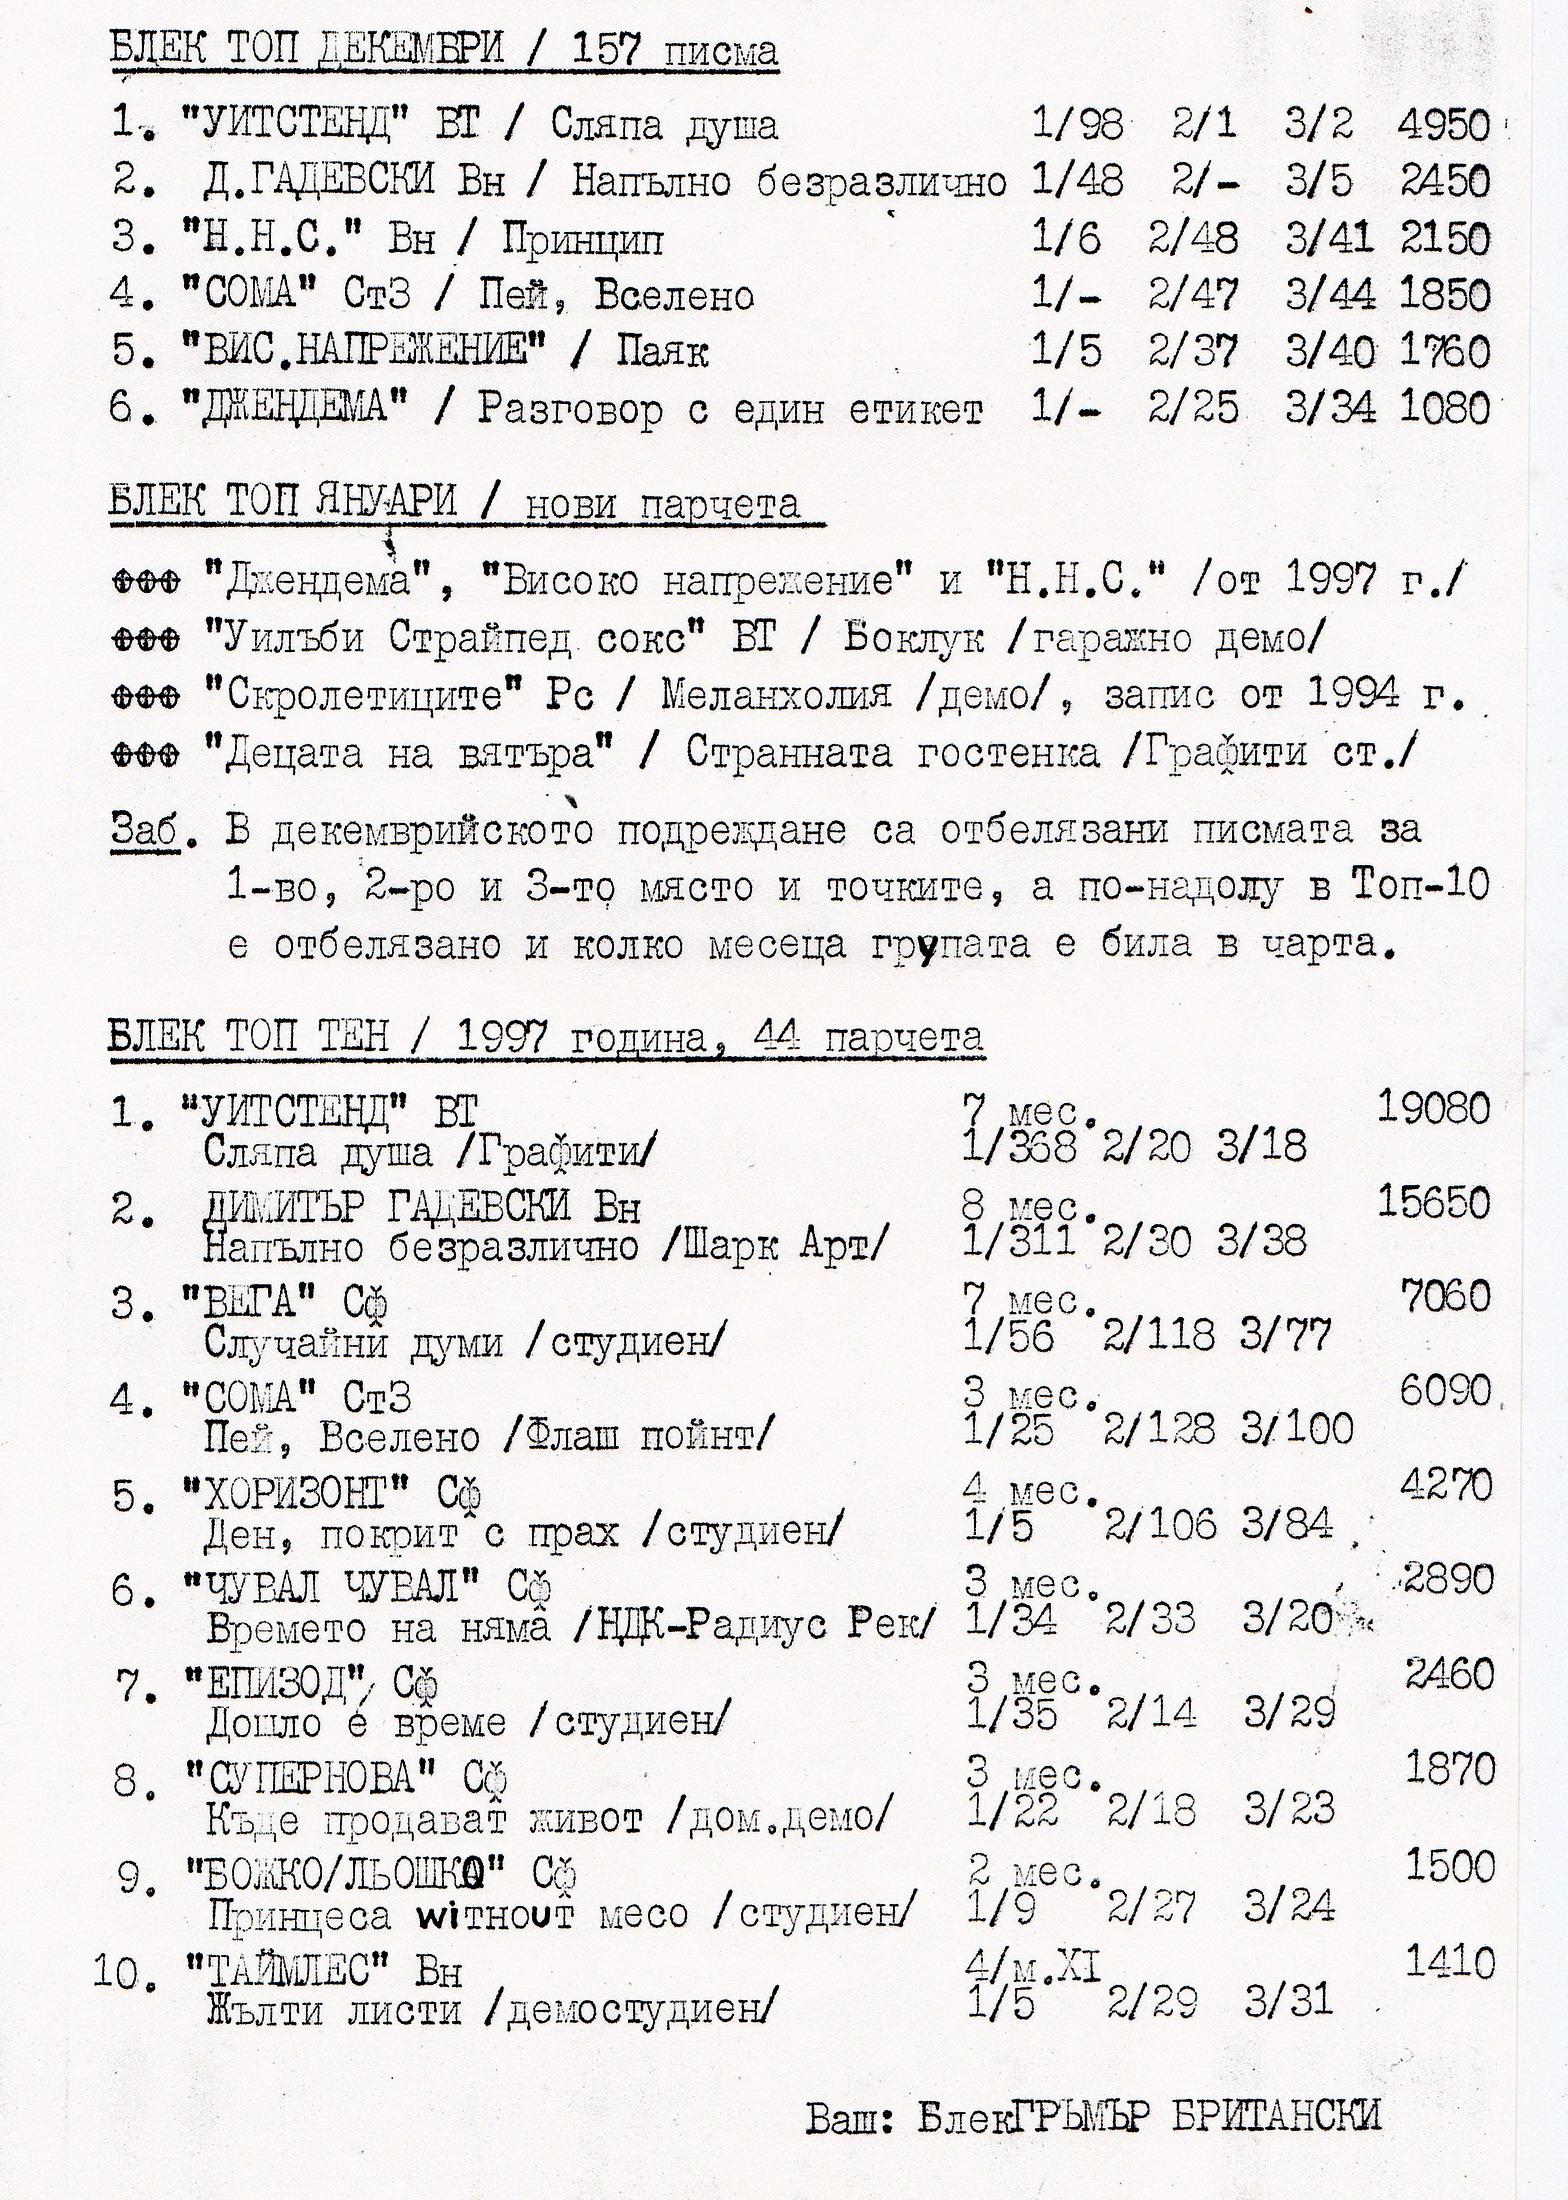 Блек Топ: Годишен Топ10/1997 (ръкопис за пресата, 1997)